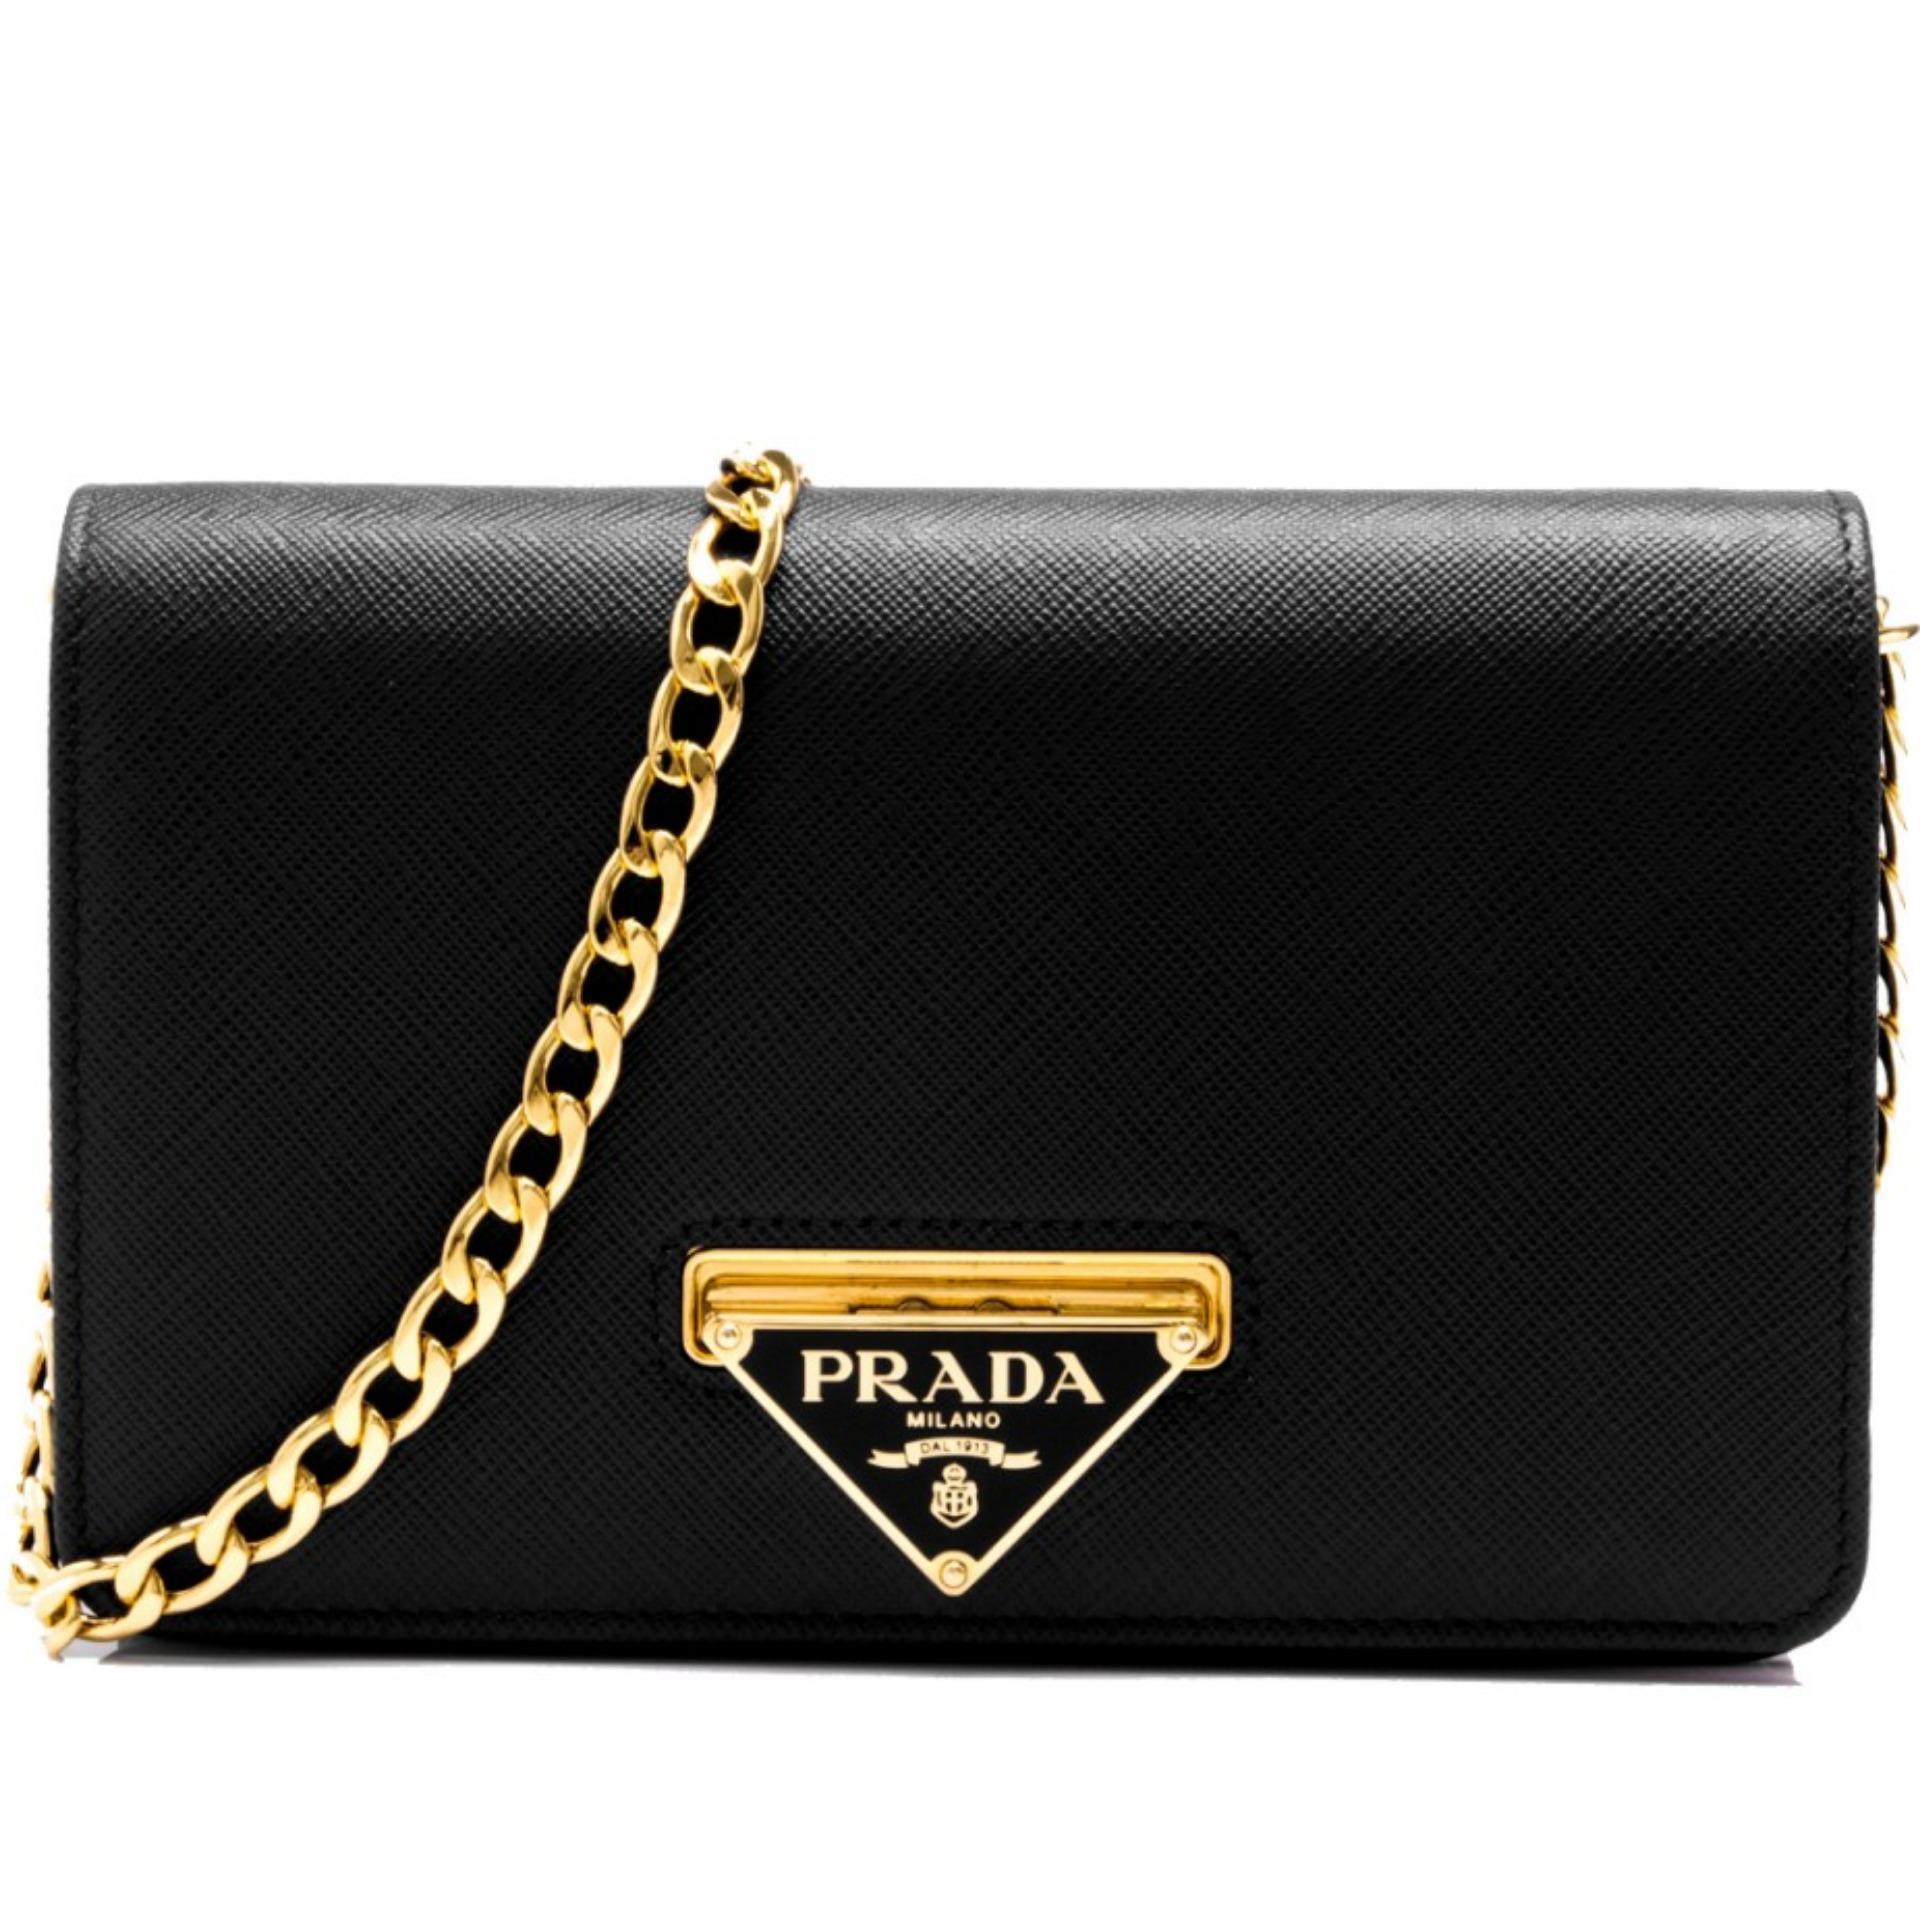 f9d2c8446e ... coupon for buy prada bags sunglasses perfum lazada d2bec e86b6